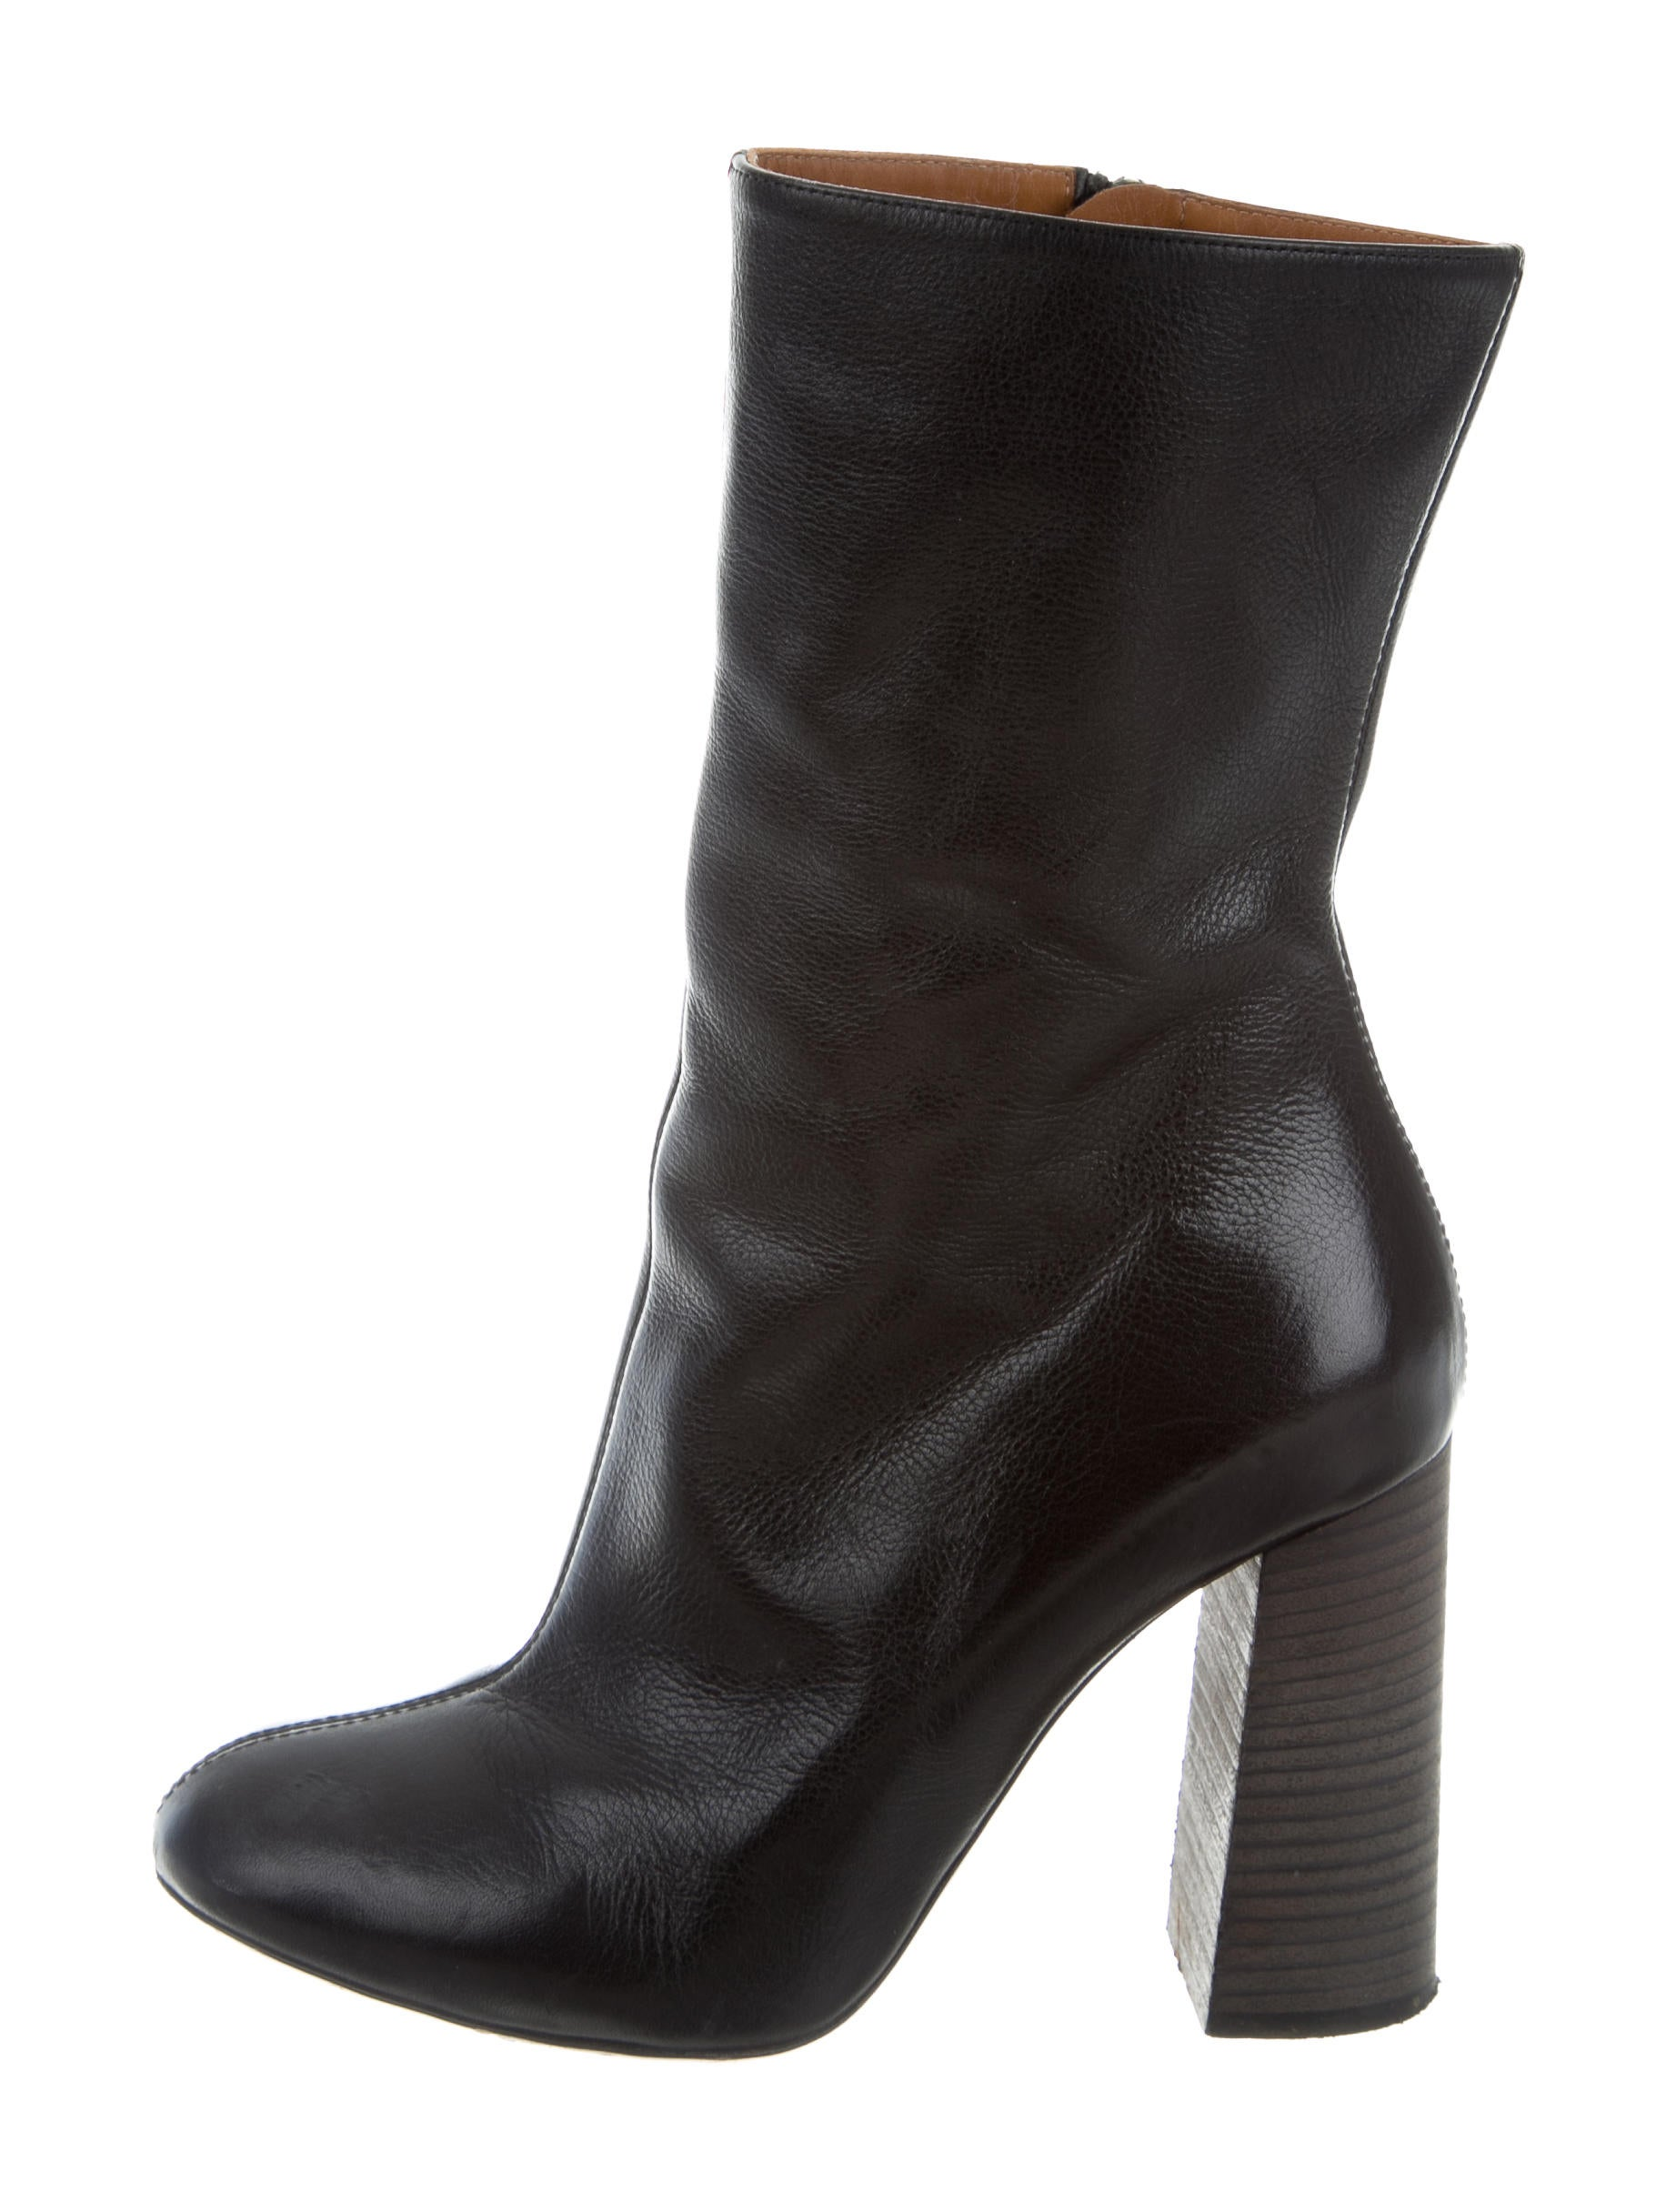 visa payment sale online Céline Leather Round-Toe Boots for sale online 59c0tiQvj